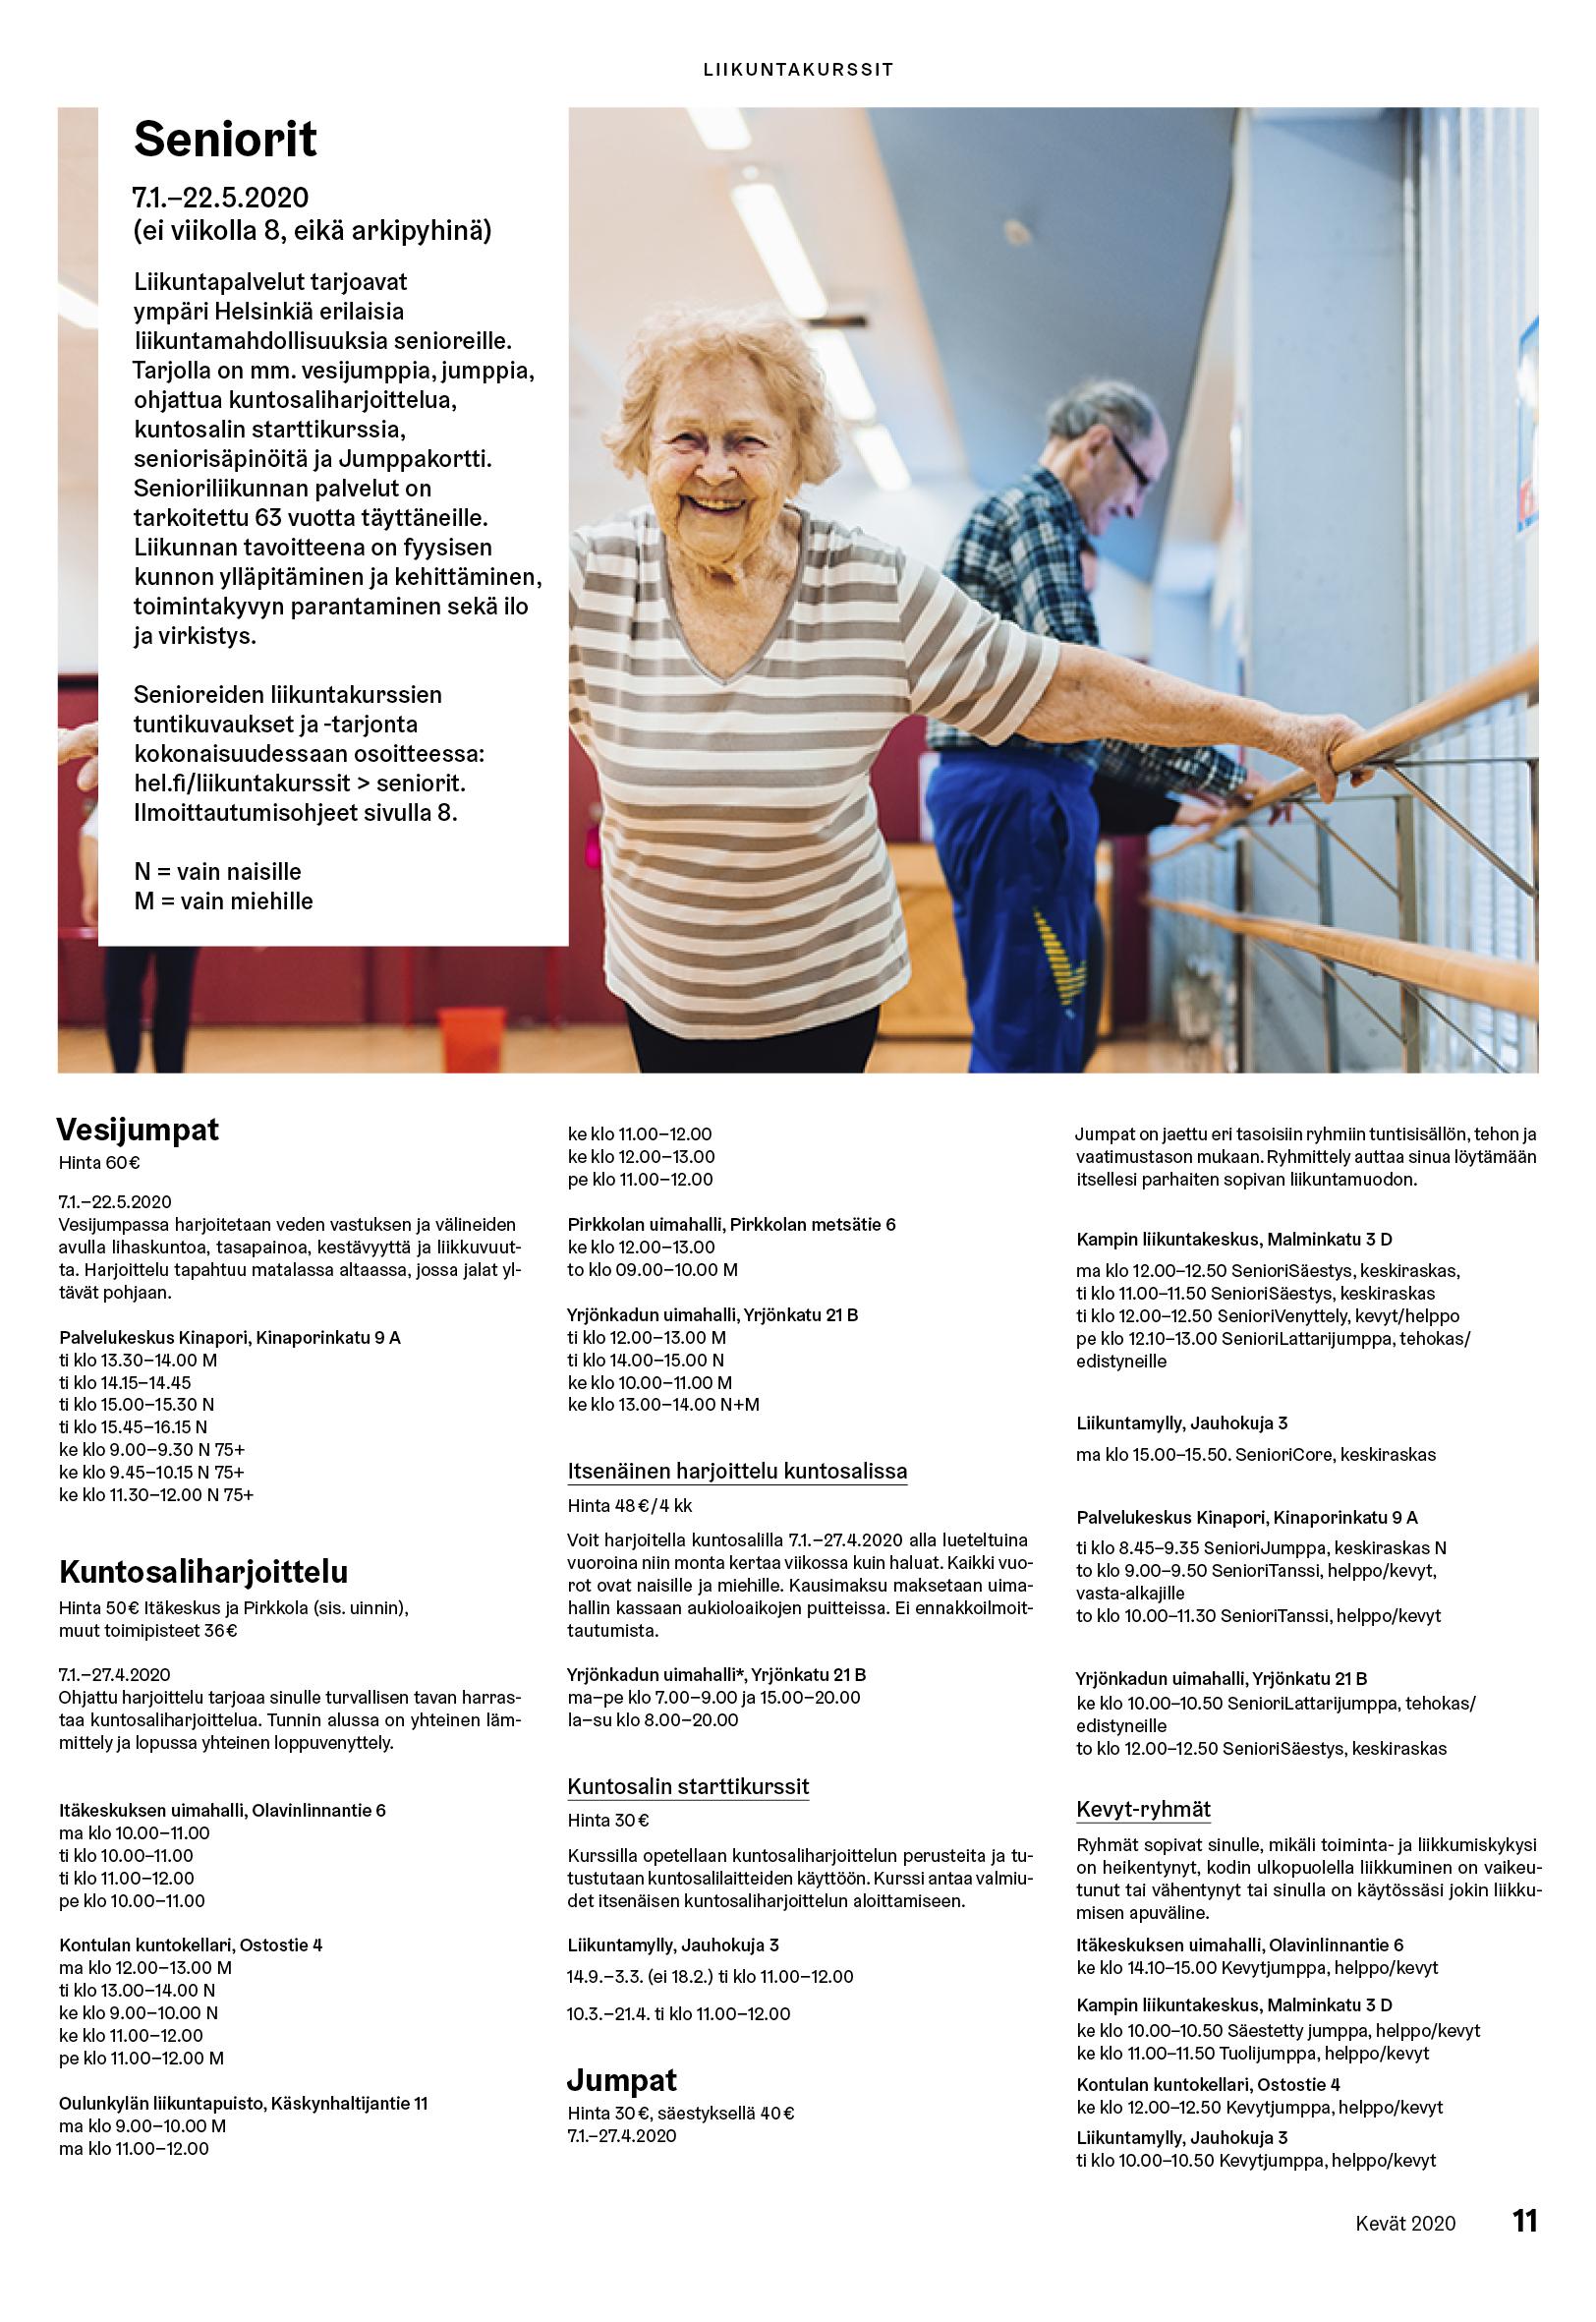 Helsingin_Uutiset_liikuntapalveluiden_kevatesite_2020_netti_sivuittain_150ppi11